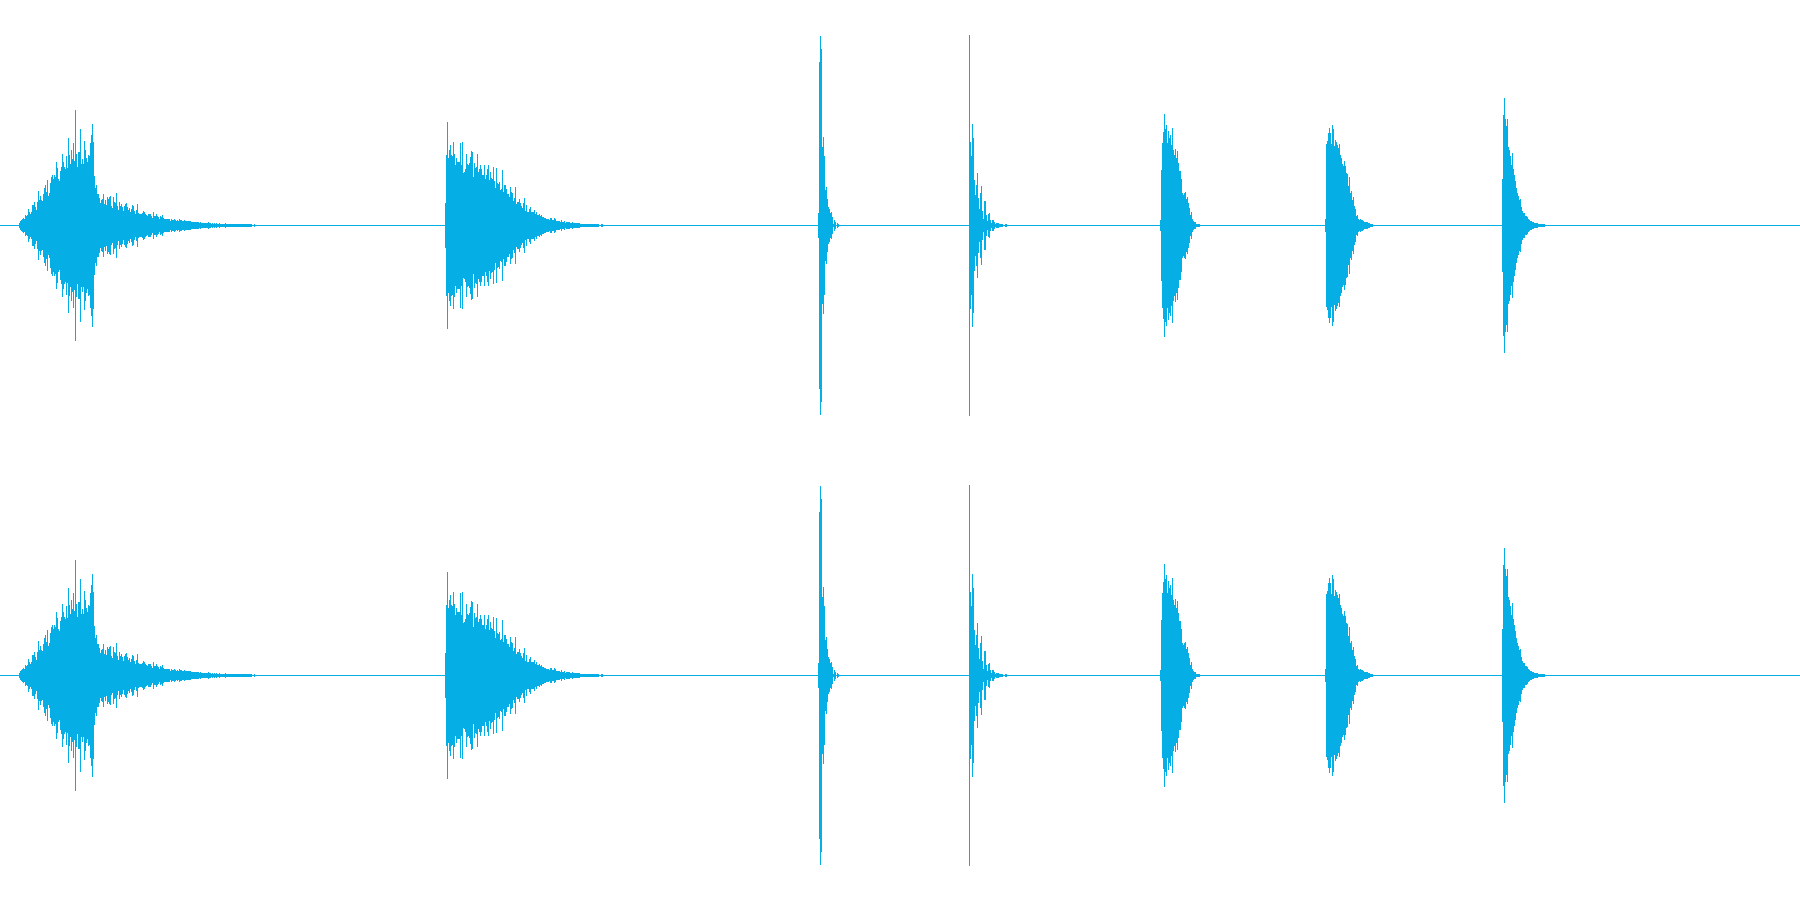 エスパシオ、エナジーアザップザップの再生済みの波形